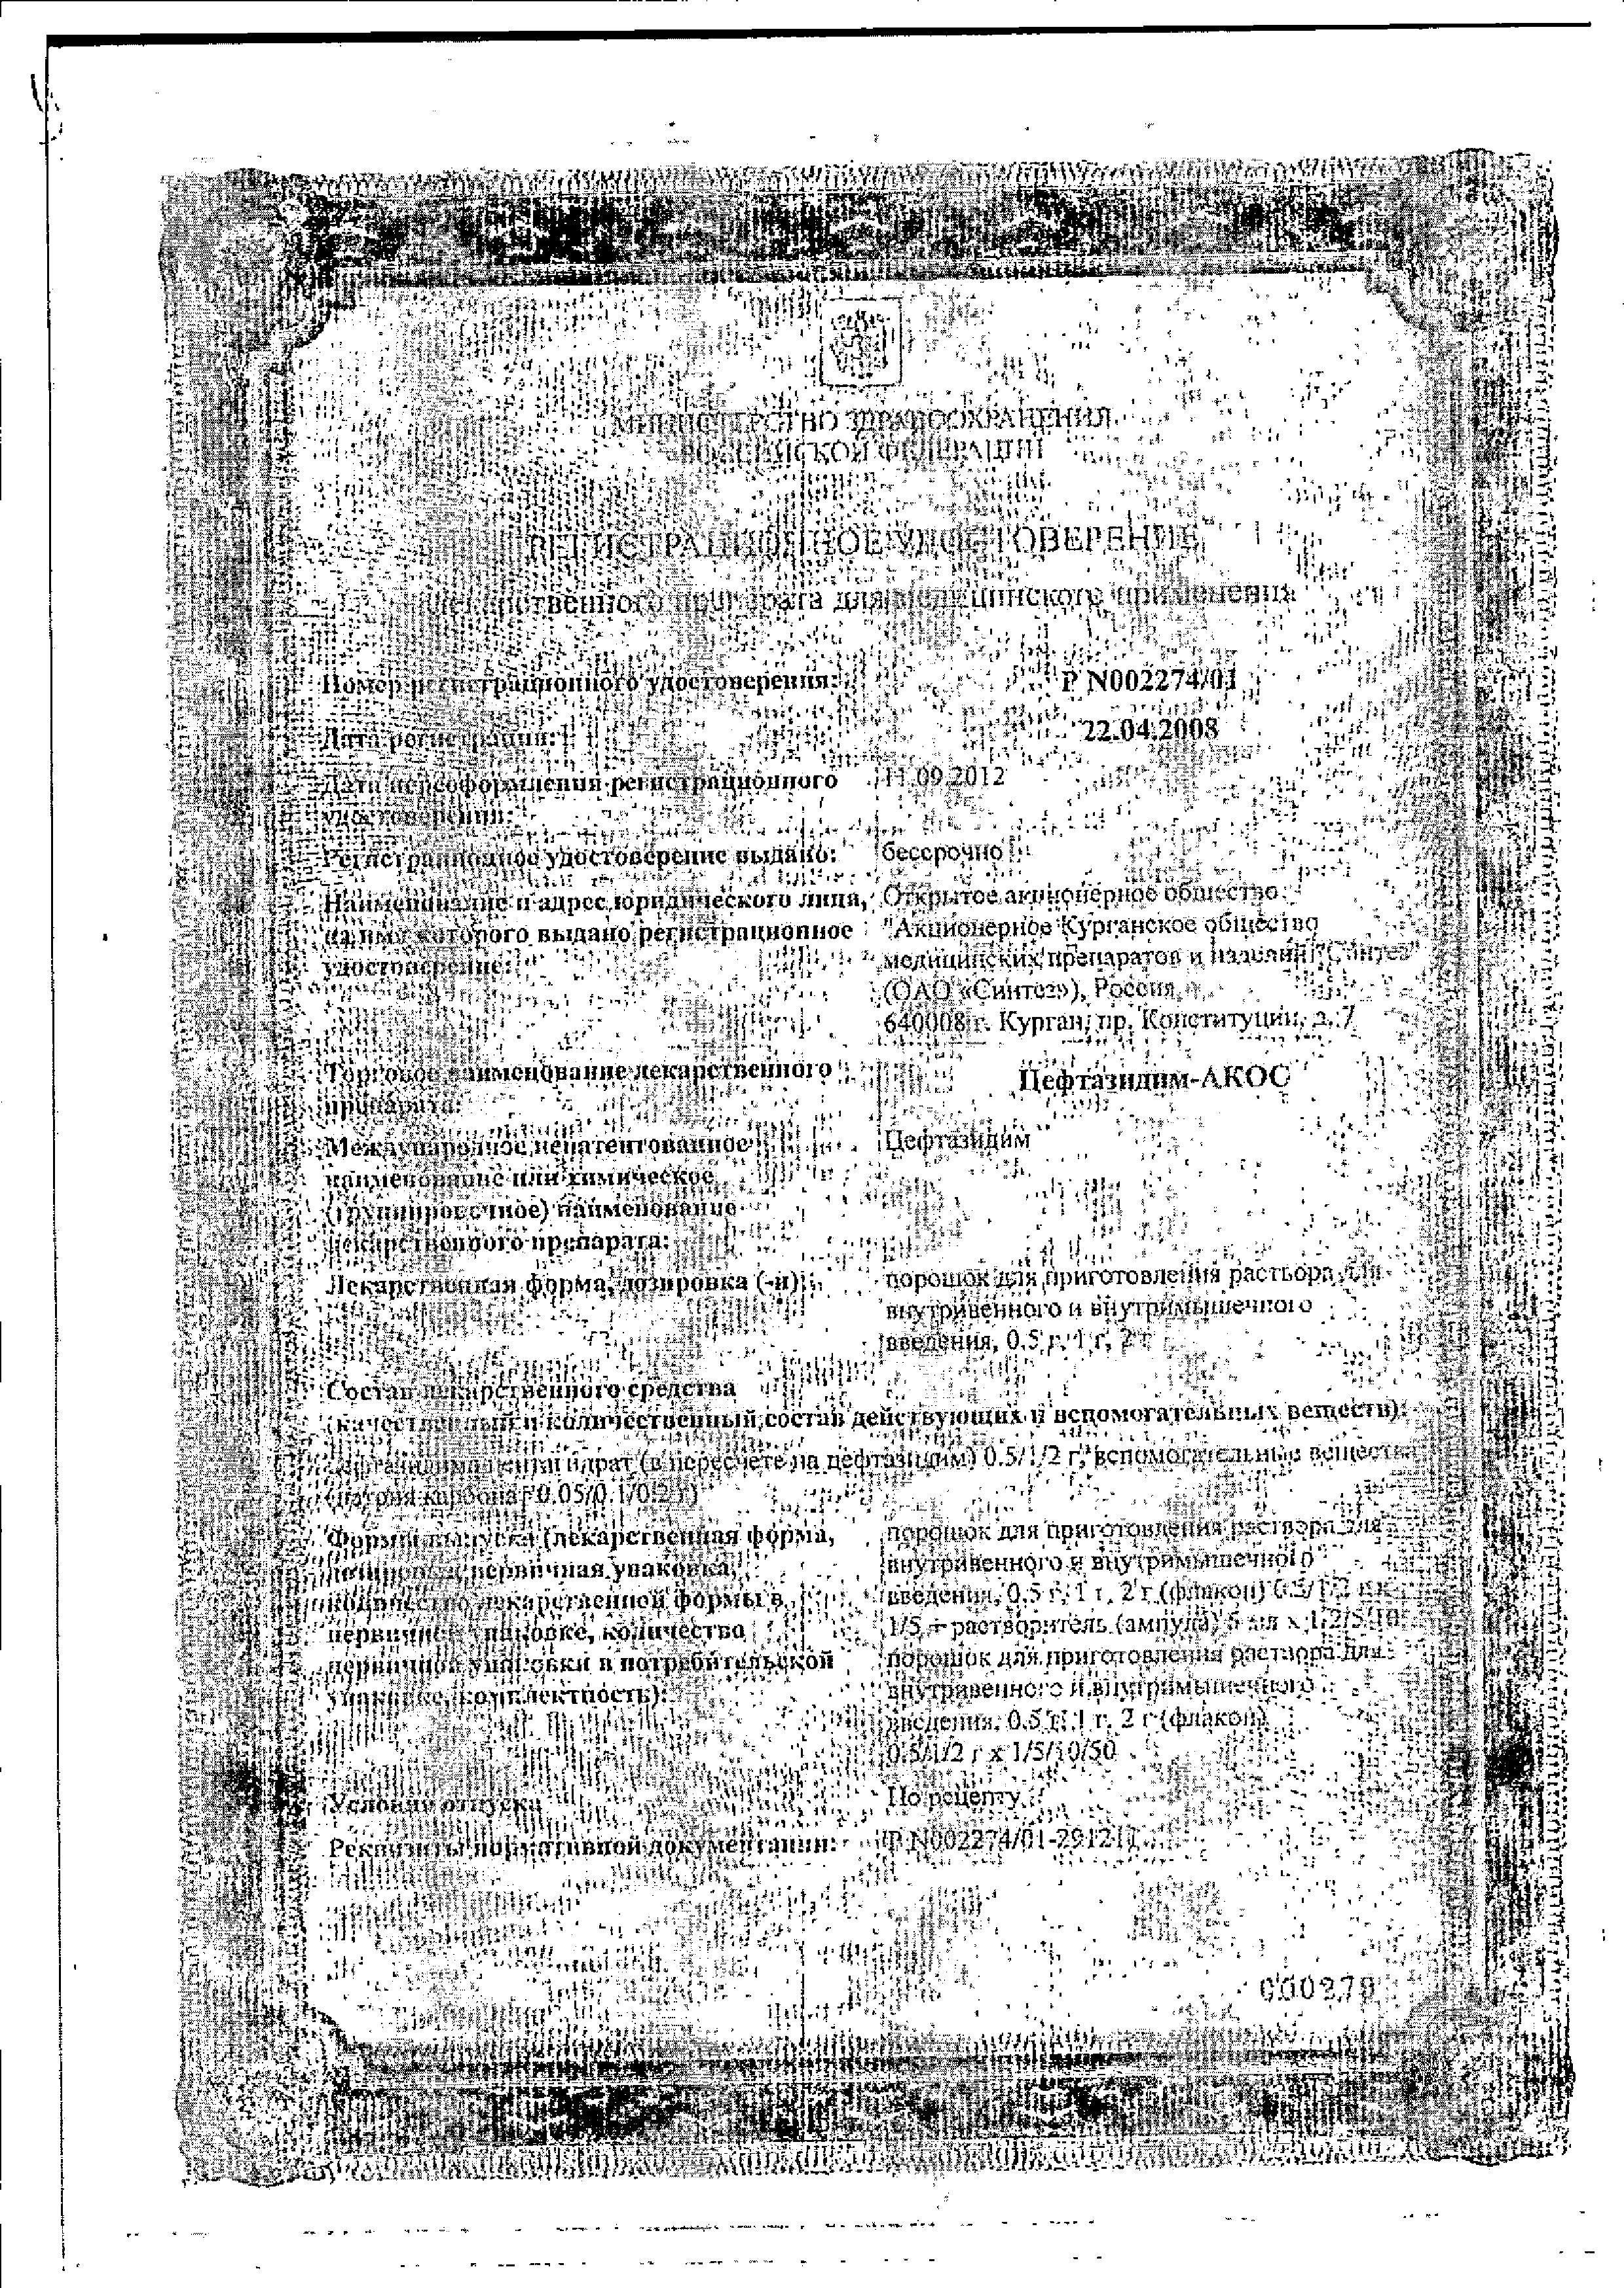 Цефтазидим-АКОС сертификат